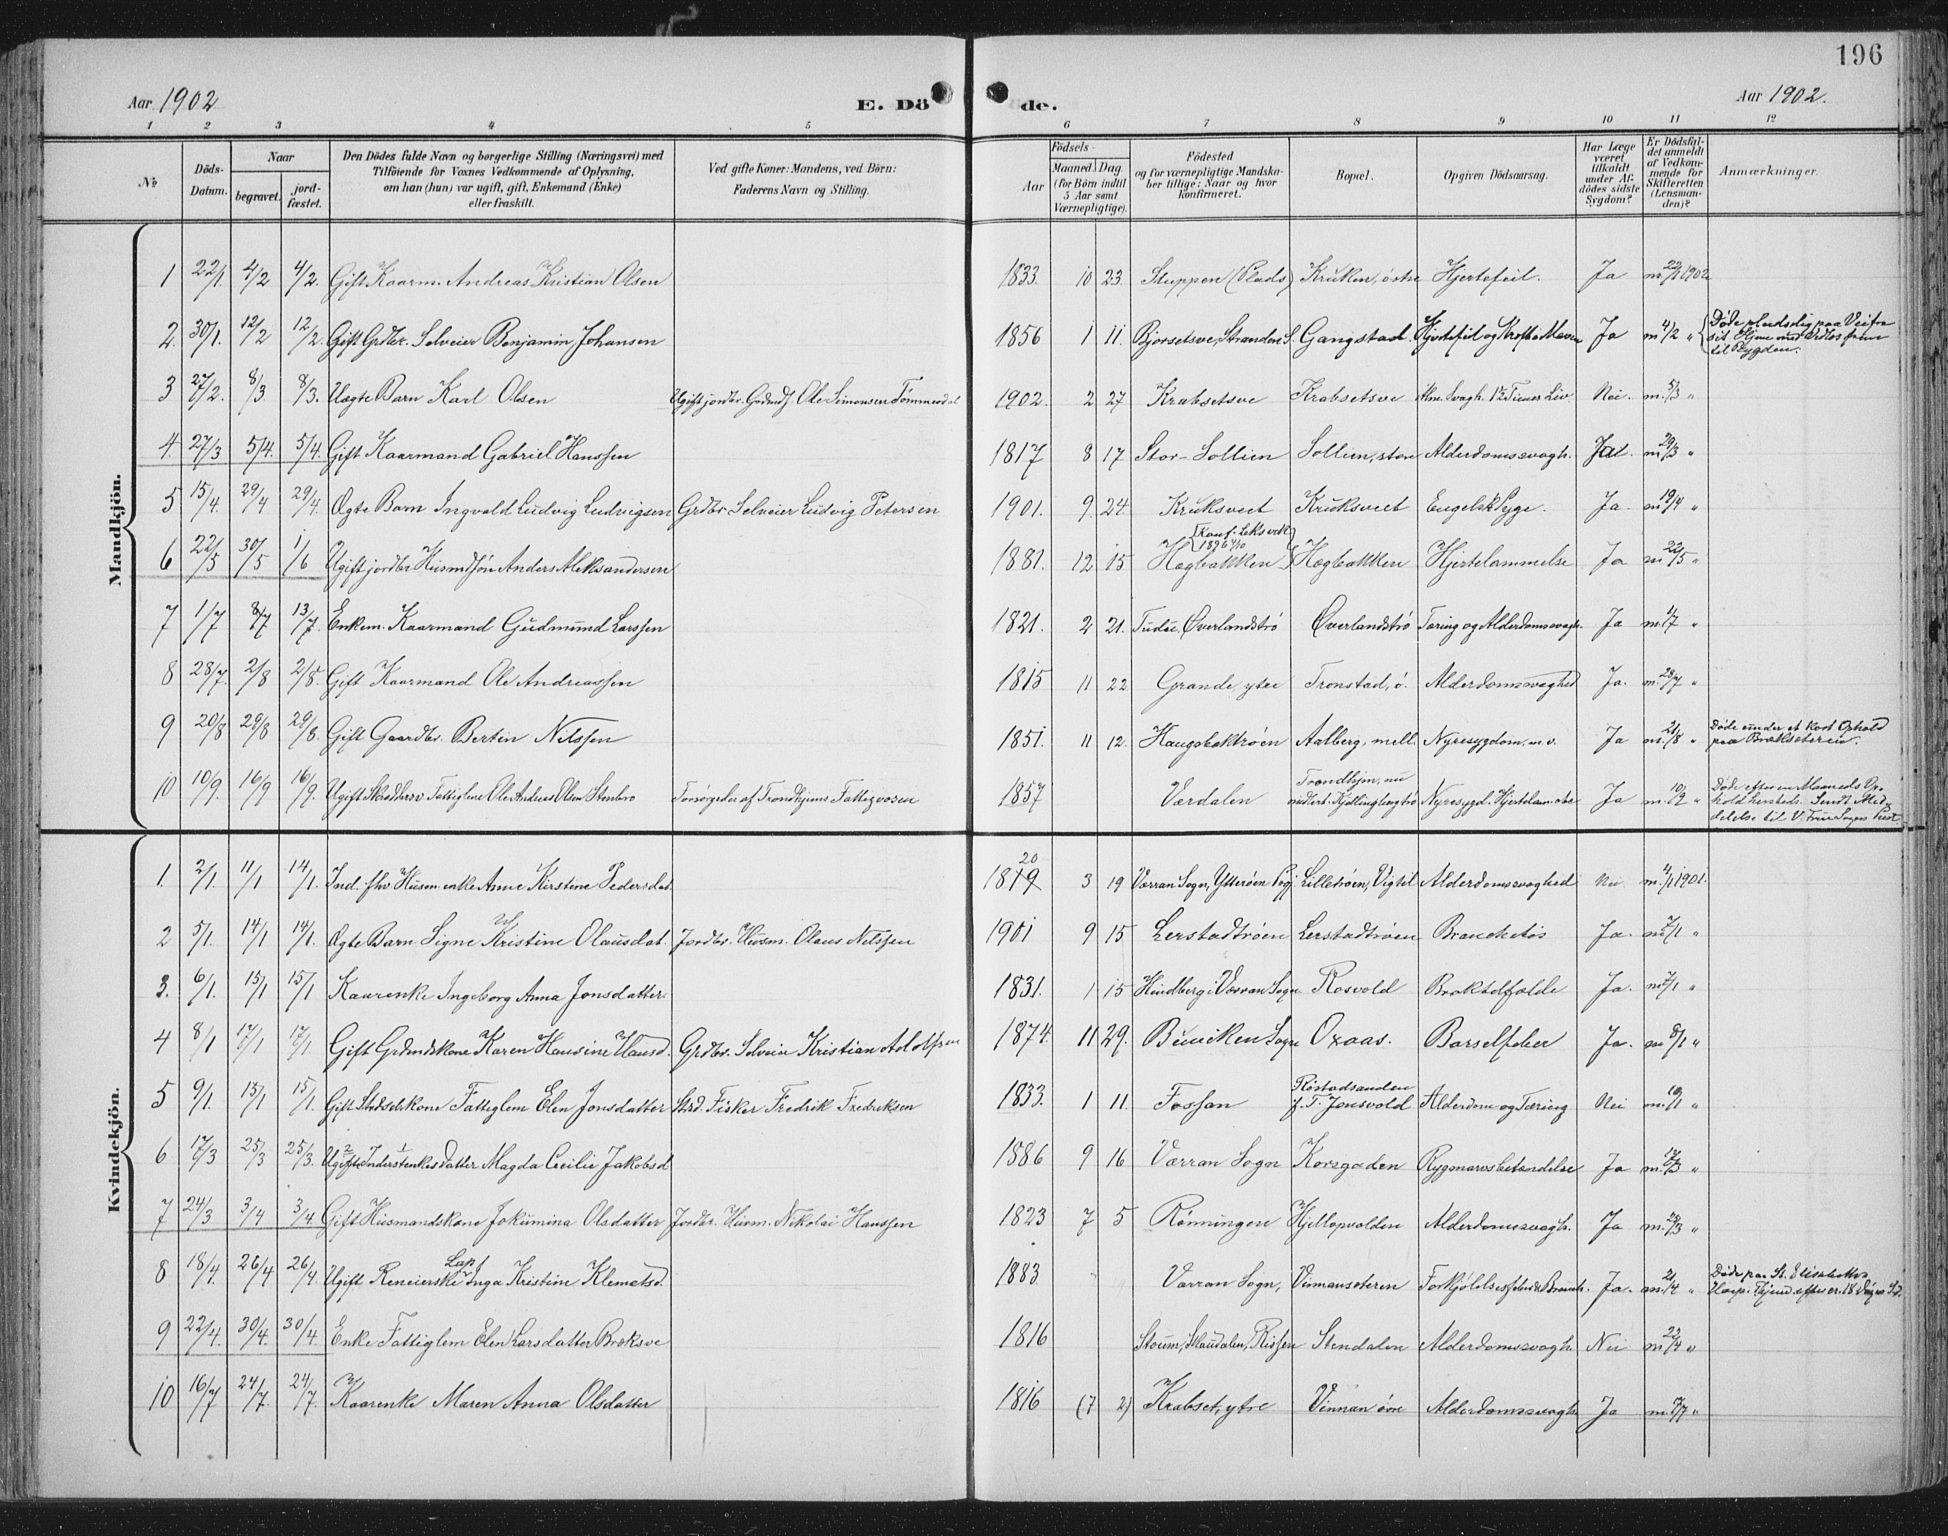 SAT, Ministerialprotokoller, klokkerbøker og fødselsregistre - Nord-Trøndelag, 701/L0011: Parish register (official) no. 701A11, 1899-1915, p. 196